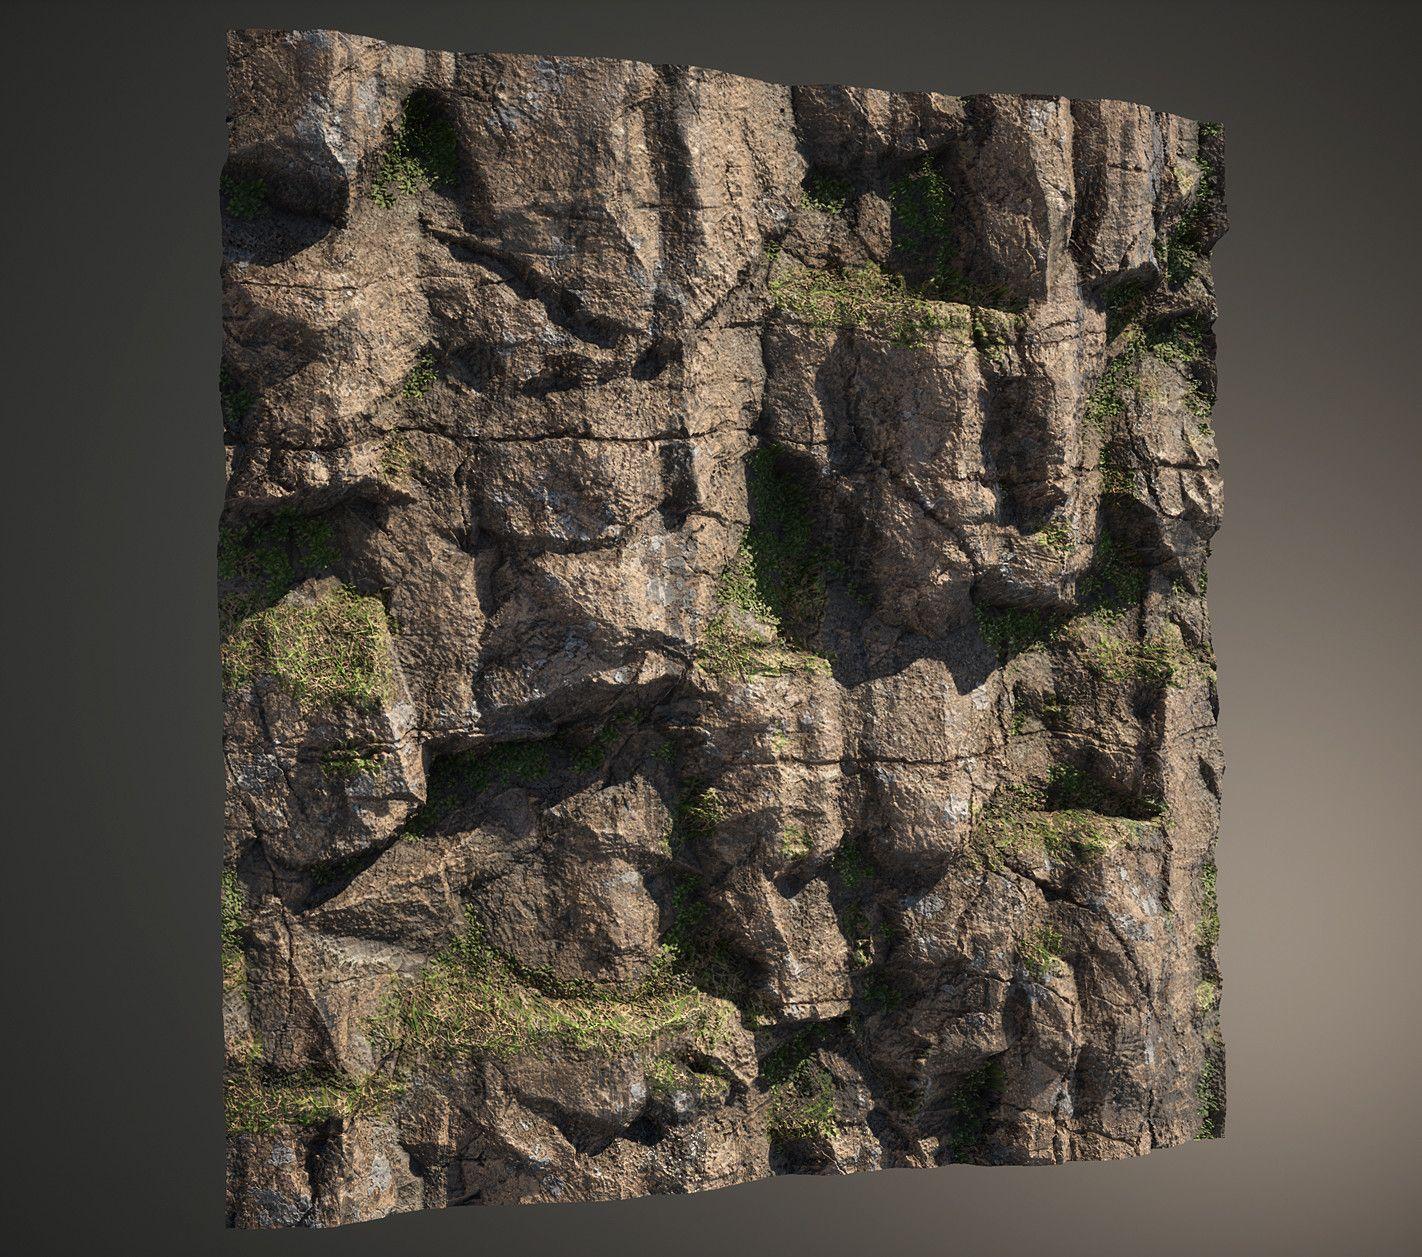 artstation substance designer forest cliff sung jun kang textures and refs pinterest. Black Bedroom Furniture Sets. Home Design Ideas